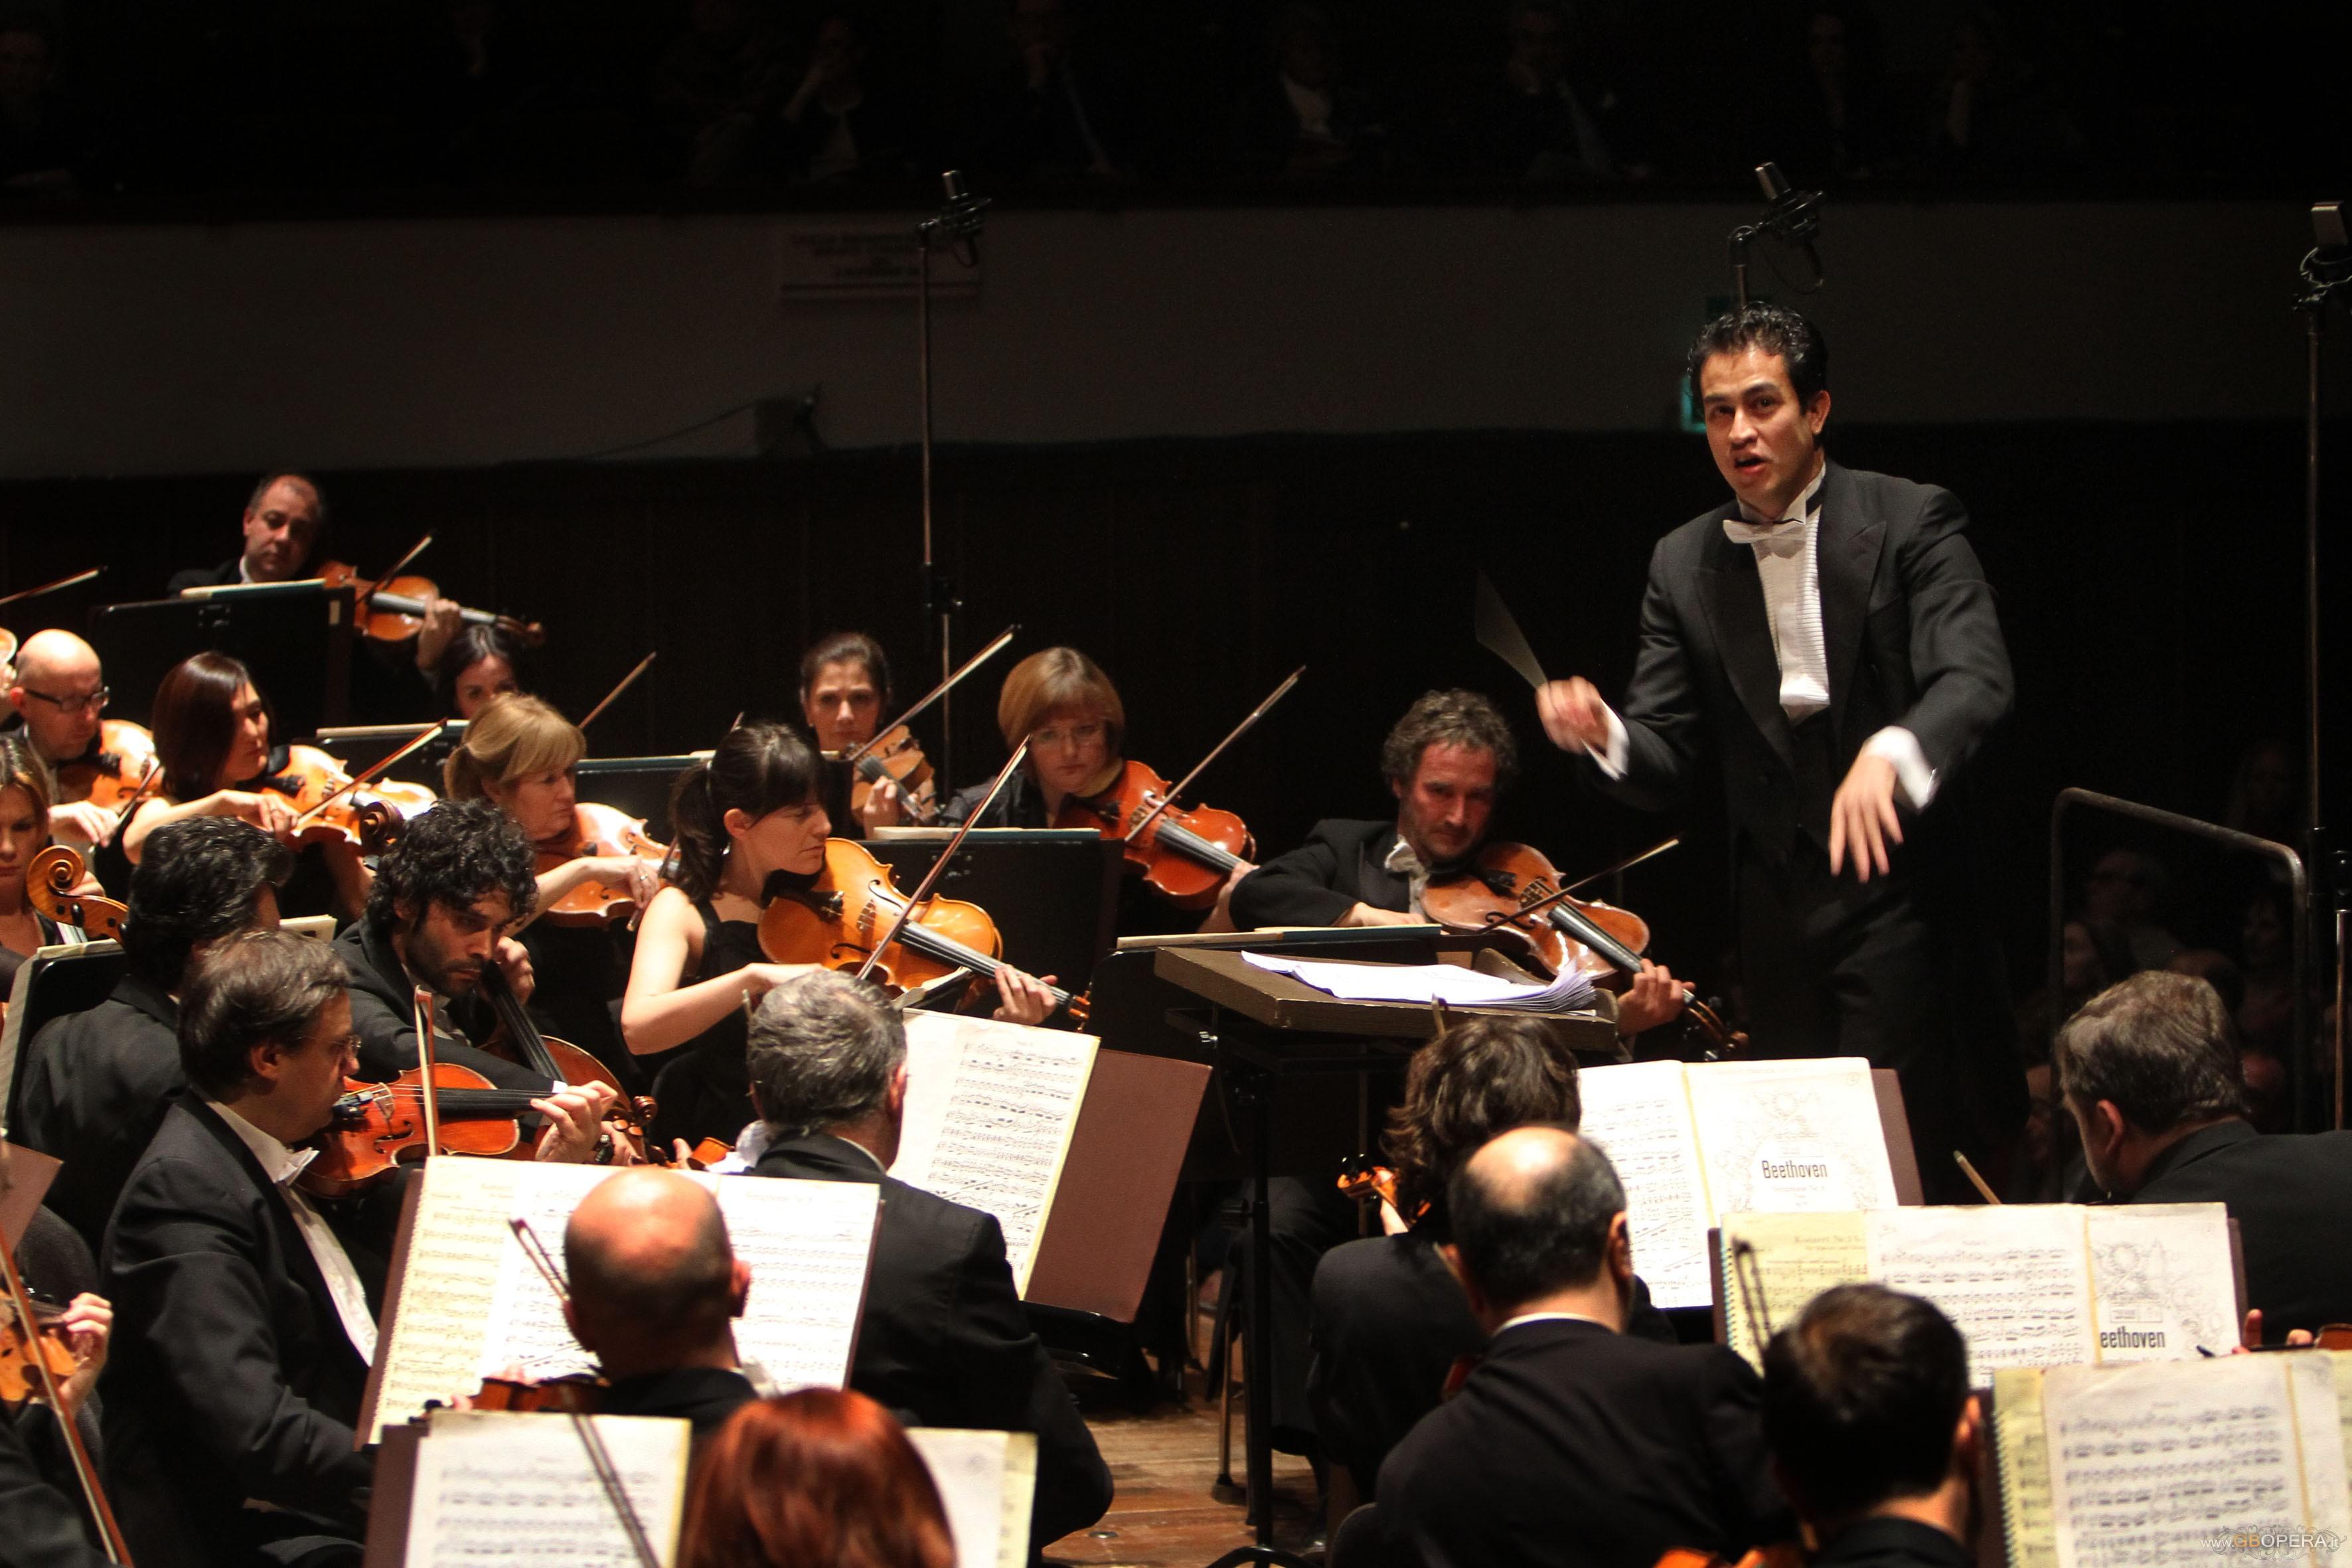 Firenze, Teatro Comunale: concerto diretto da Diego Matheuz e Daniil Trifonov al pianoforte